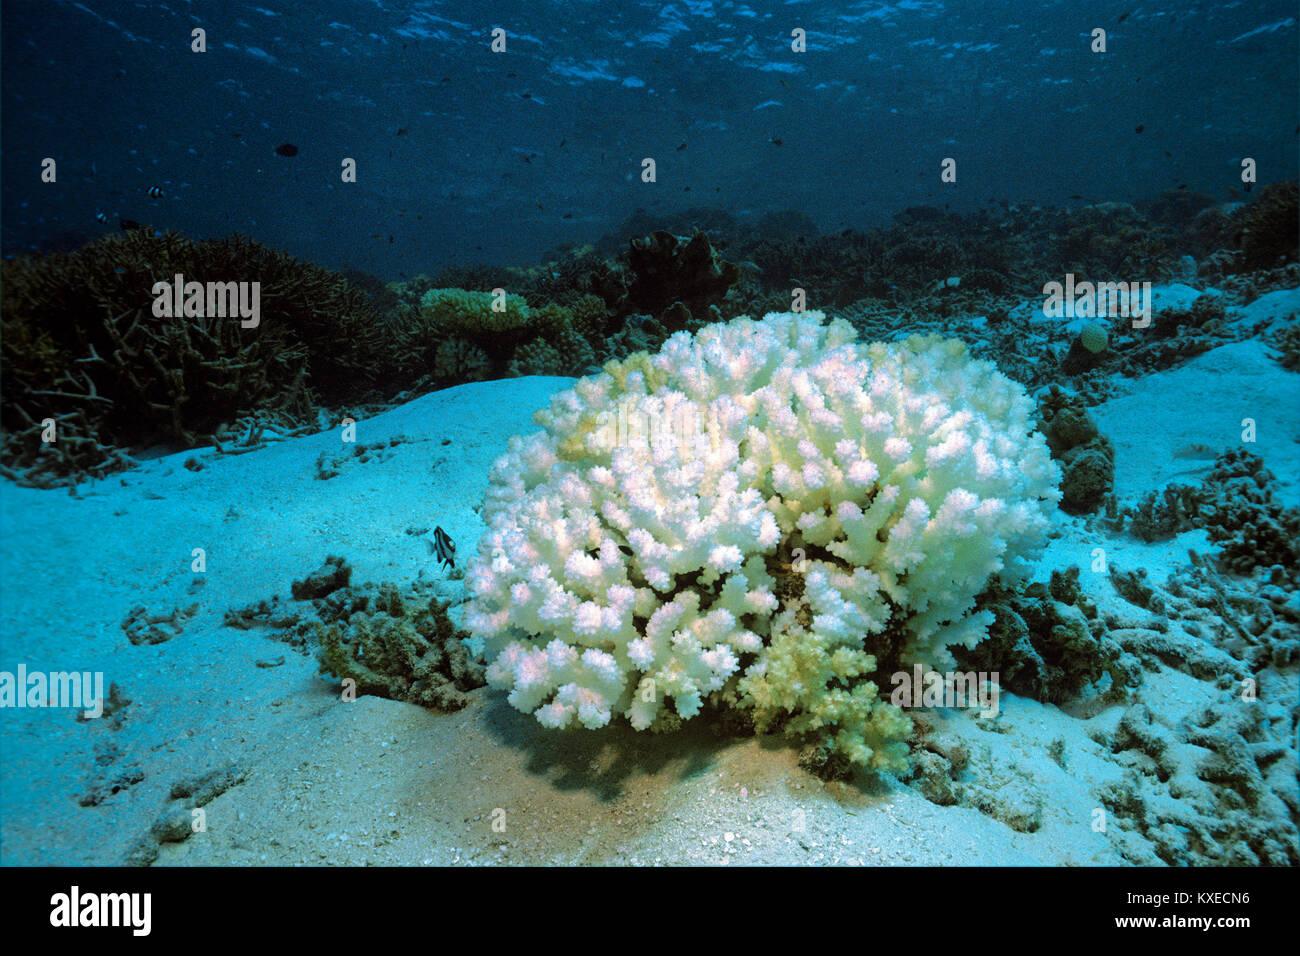 Coral de piedra blanqueada, la decoloración de los arrecifes de coral, las consecuencias del calentamiento Imagen De Stock